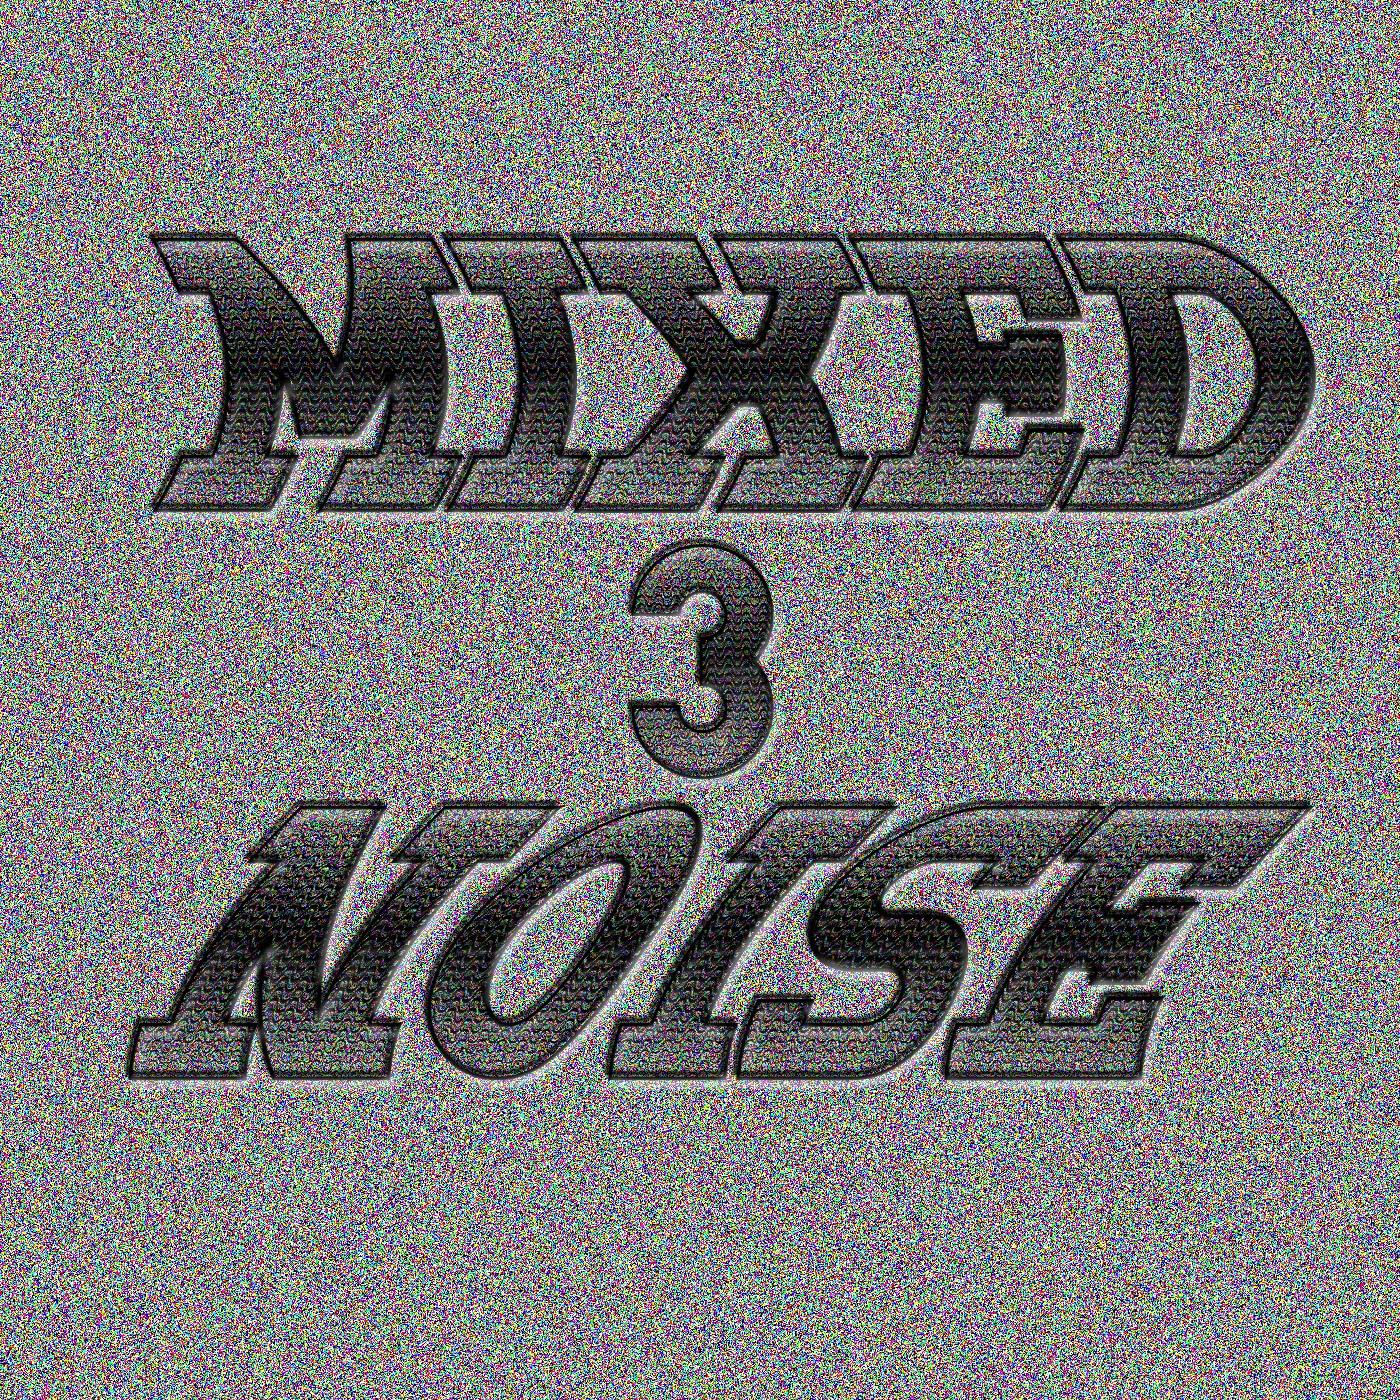 mixednoiselogo3